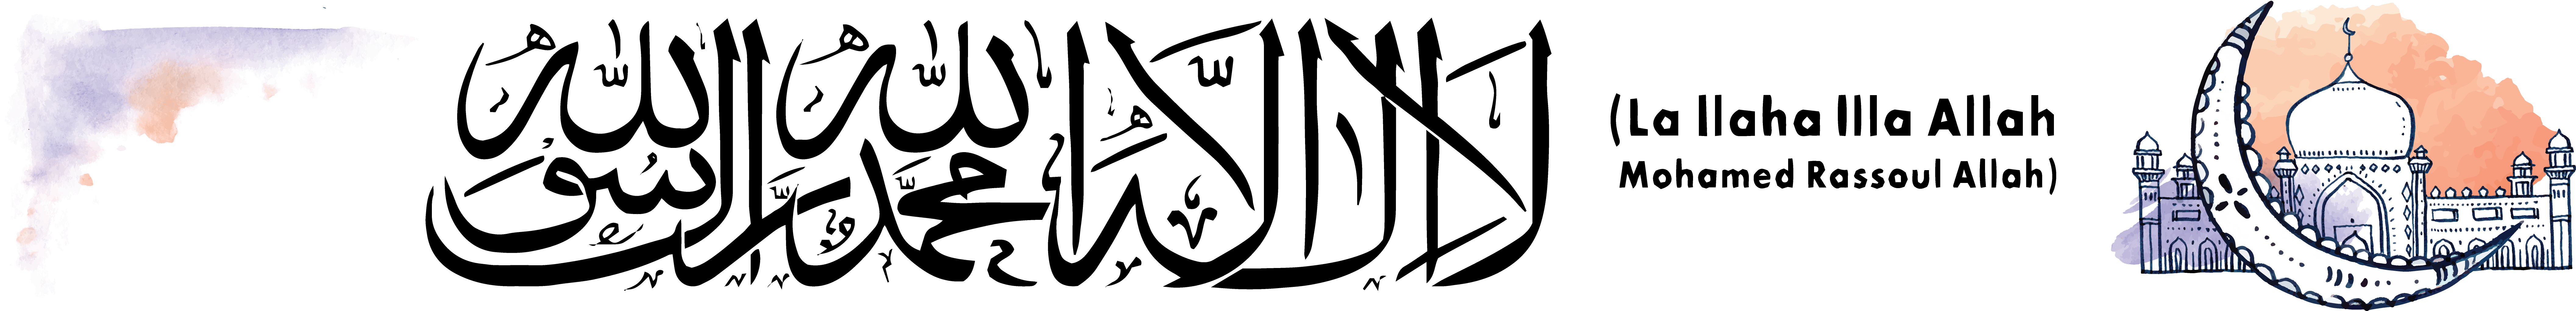 J'suis Muslim